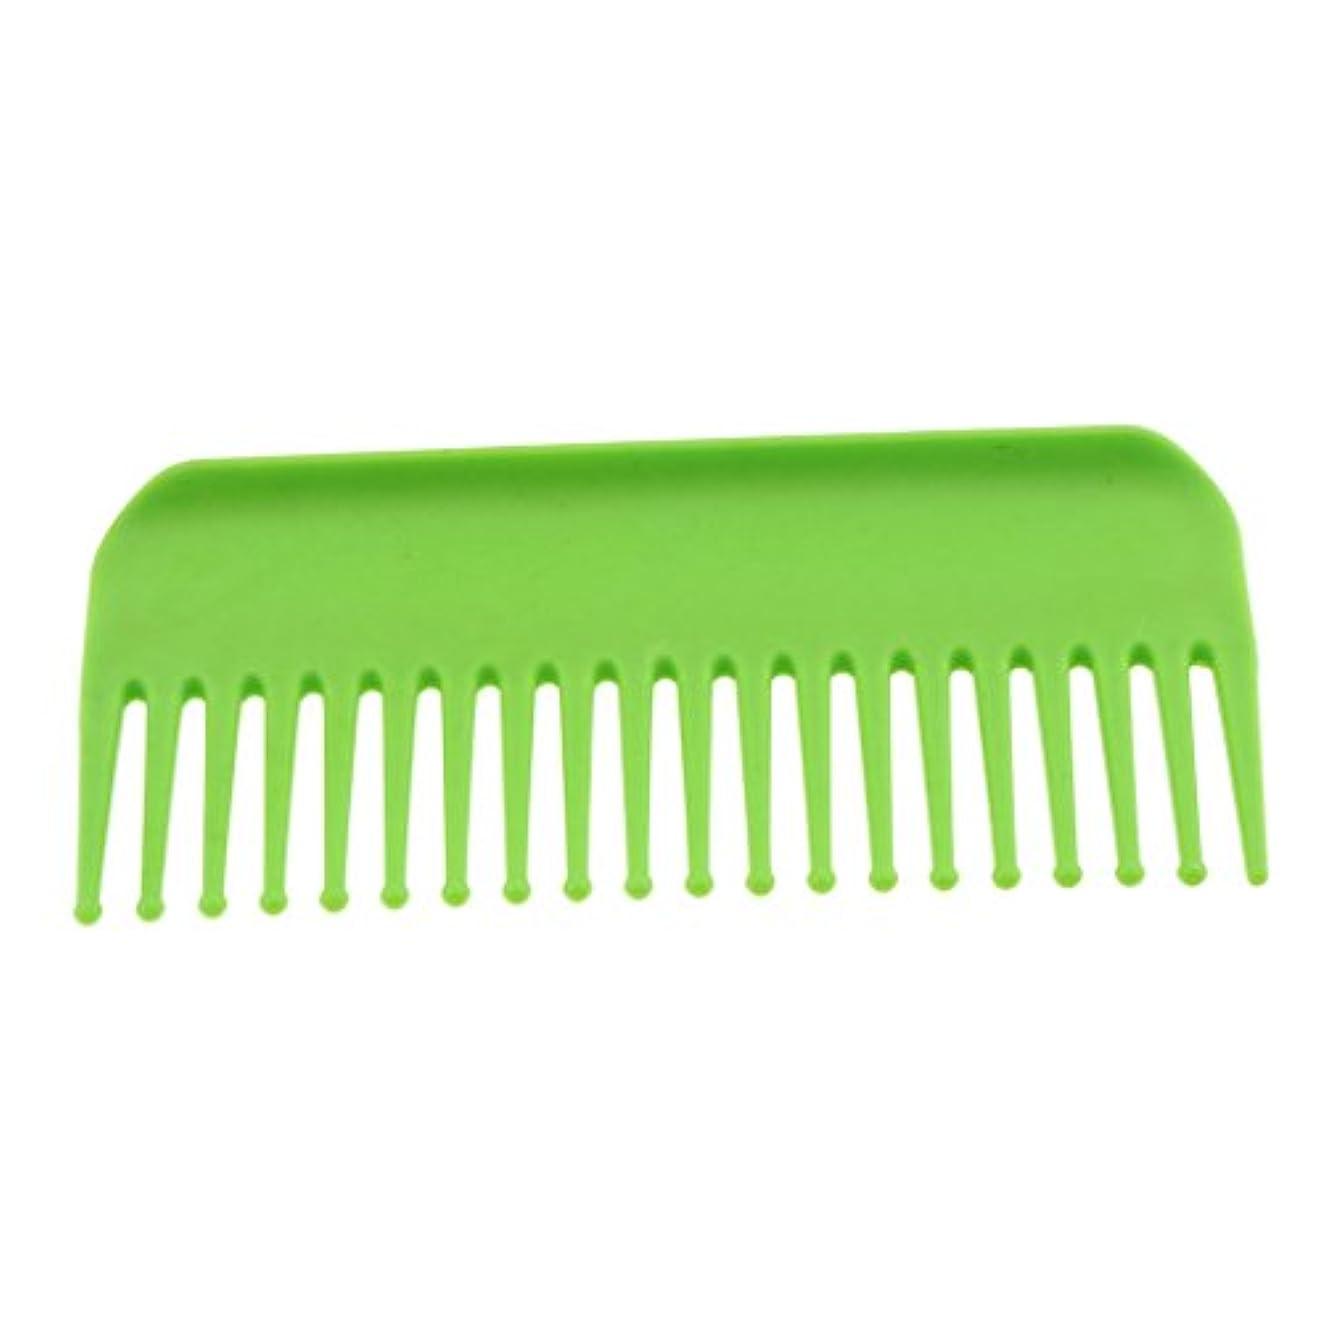 クラシカル口実フィットネスサロンヘアケア脱毛ヘアコームヘアブラシスタティックワイド - 緑